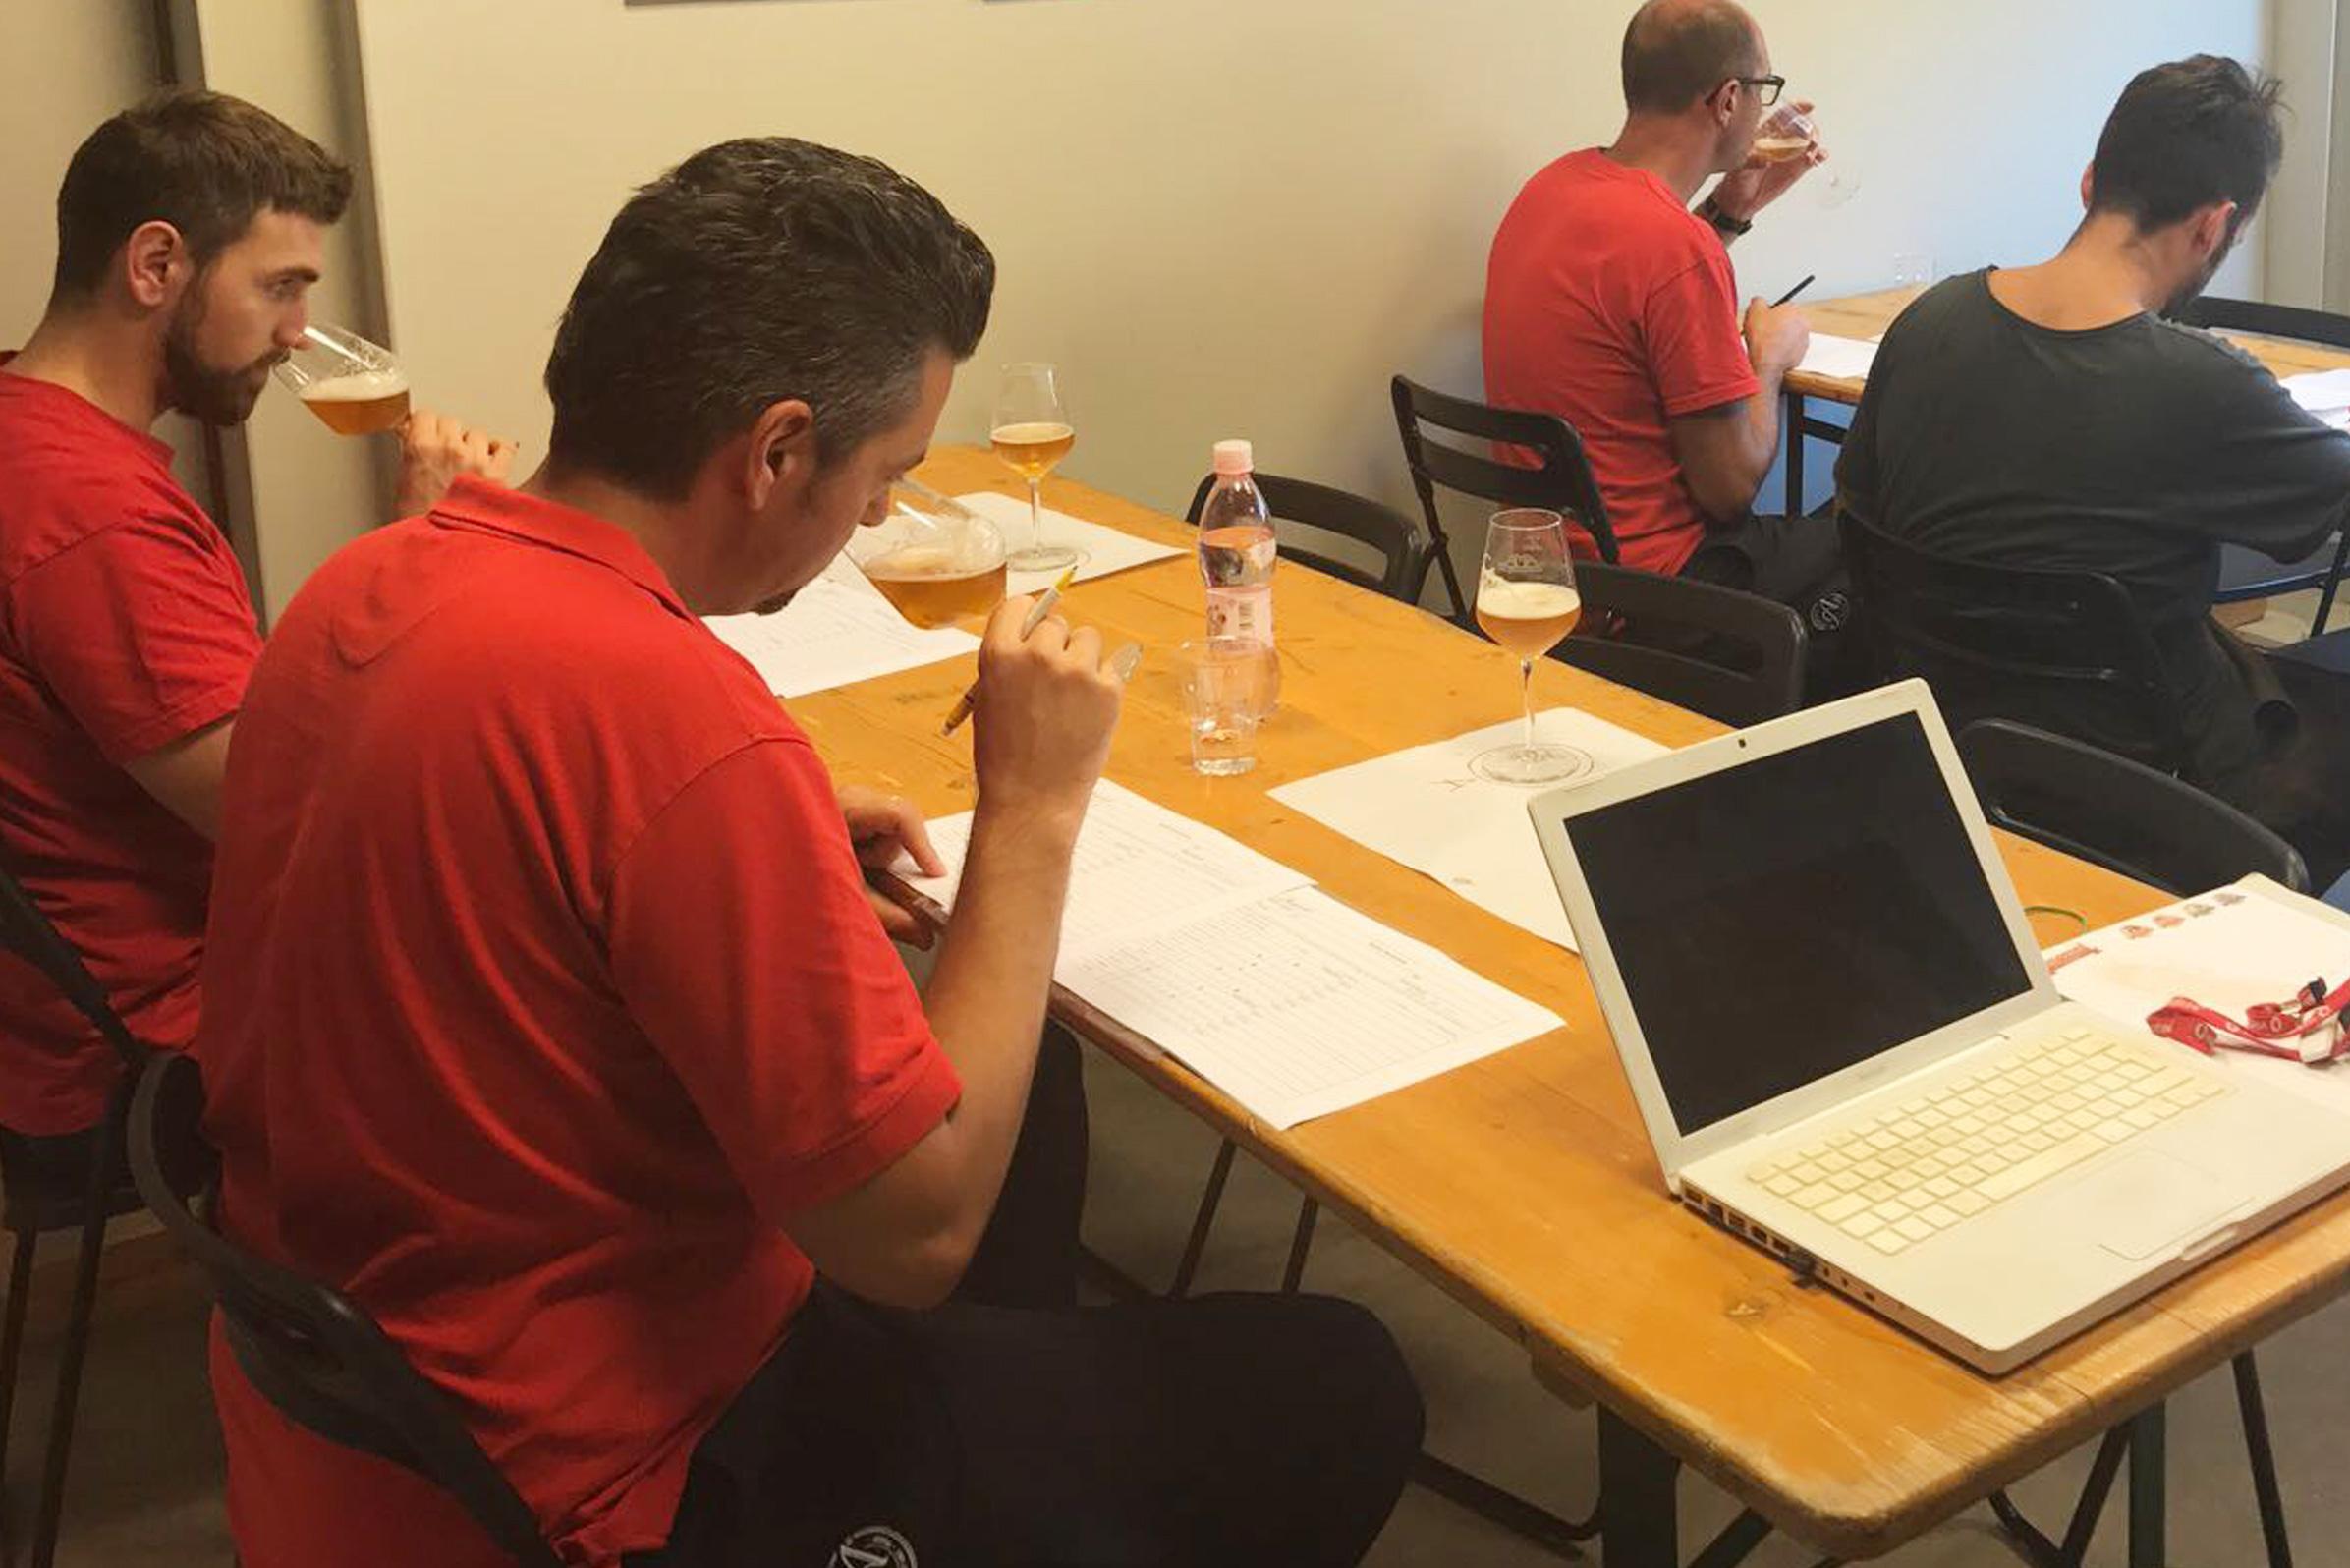 BLIND TEST - Le birre AMA sono passate continuamente al vaglio di un panel di esperti, tecnici e biersommlier, che attraverso dei blind test verificano che il prodotto risponda sempre agli standard qualitativi imposti dal birrificio stesso.